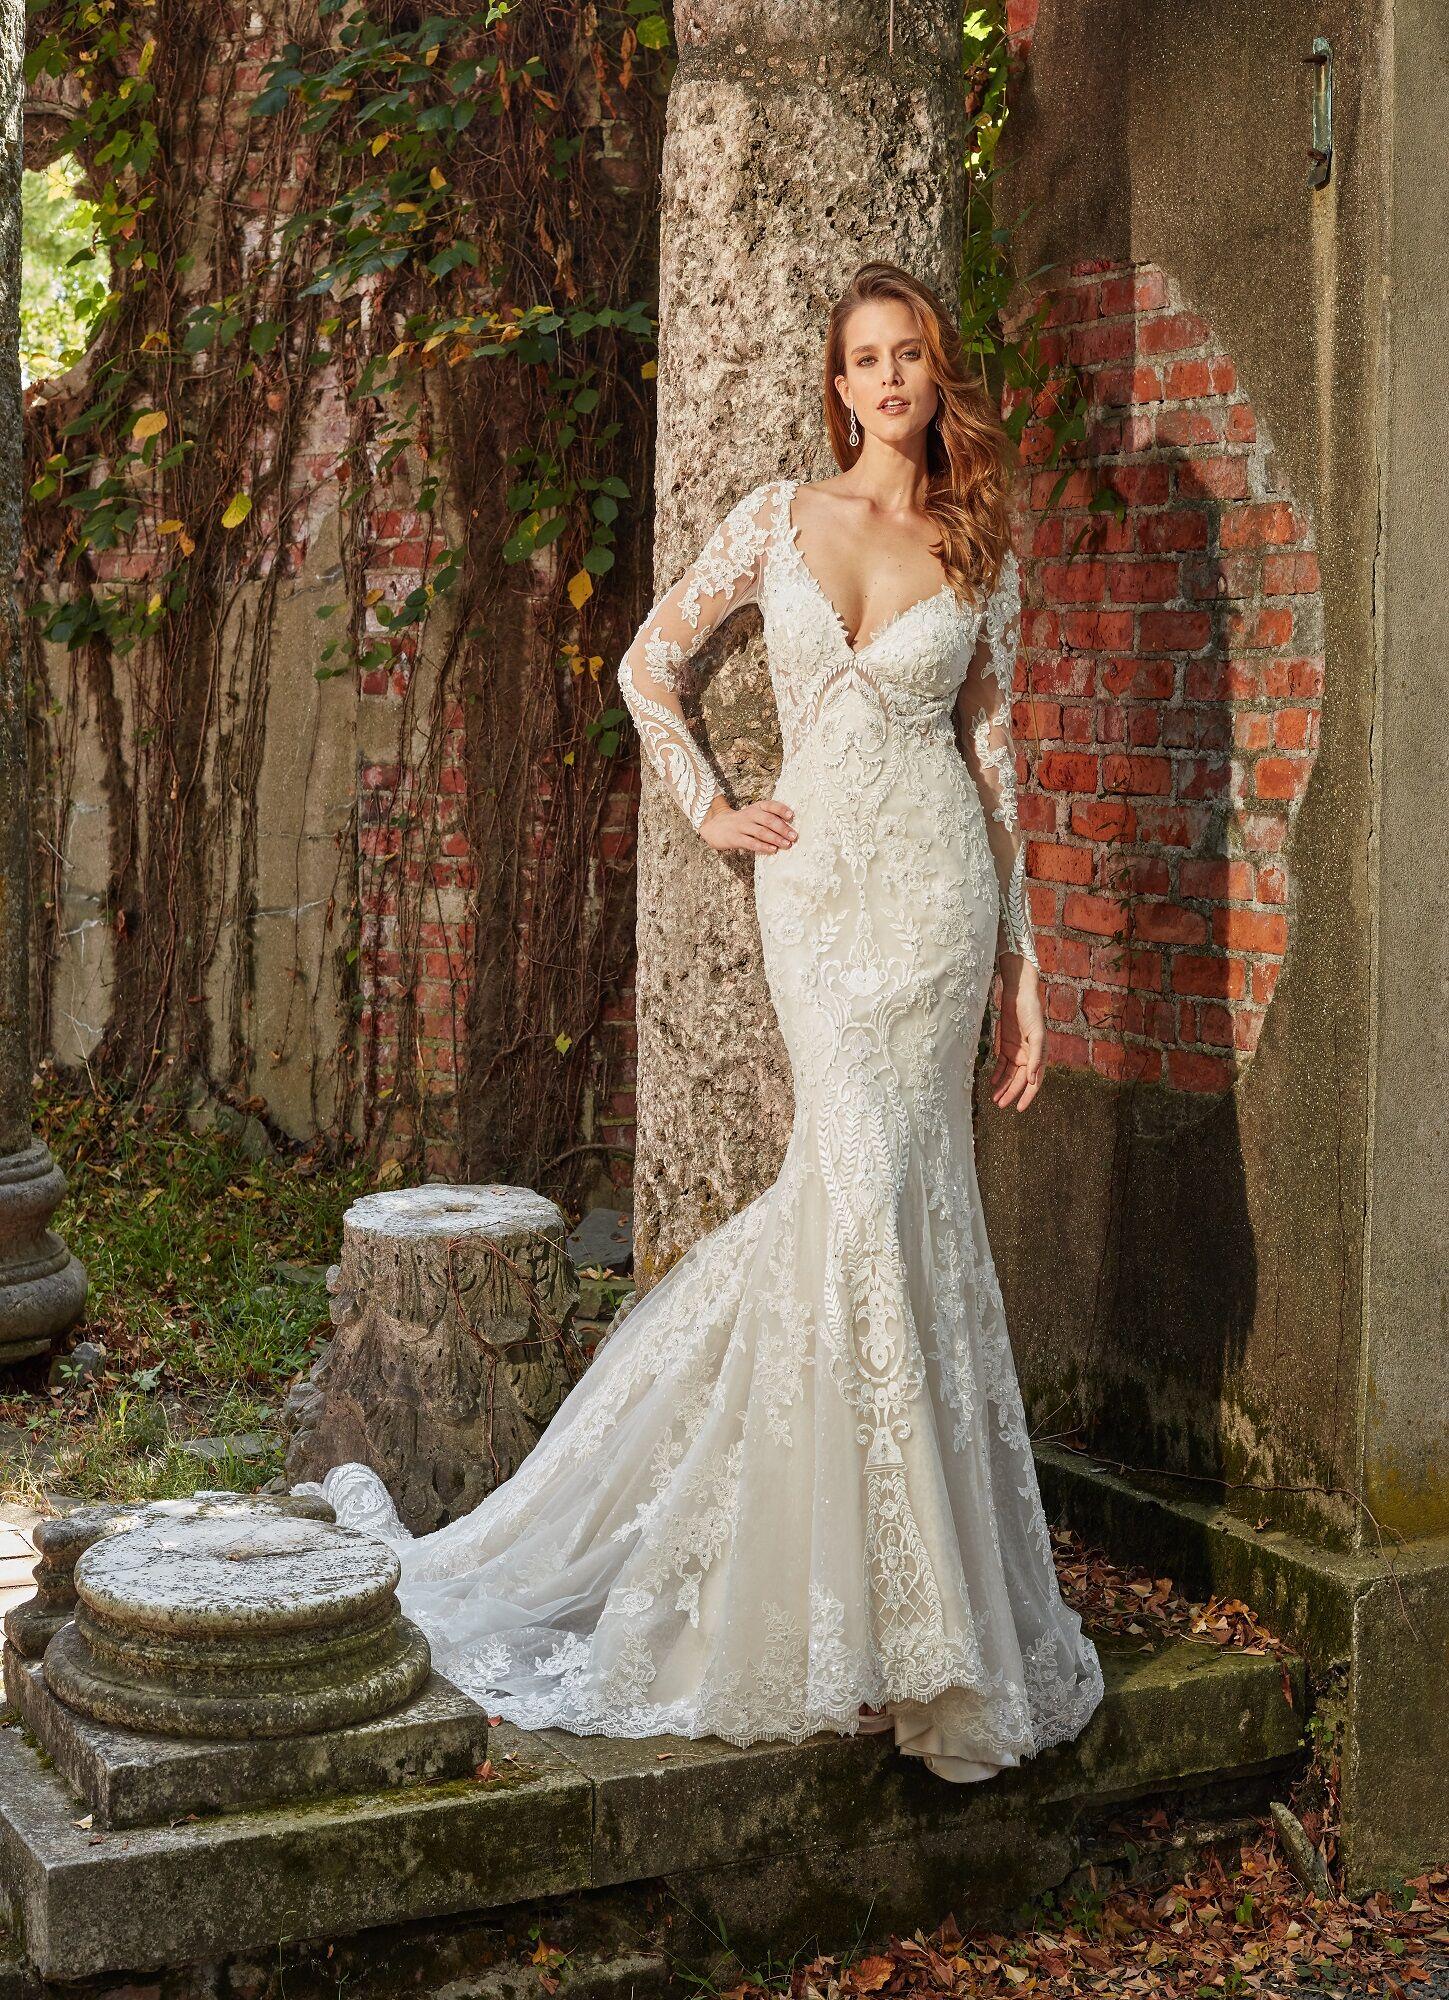 Bridal Reflections - New York, NY